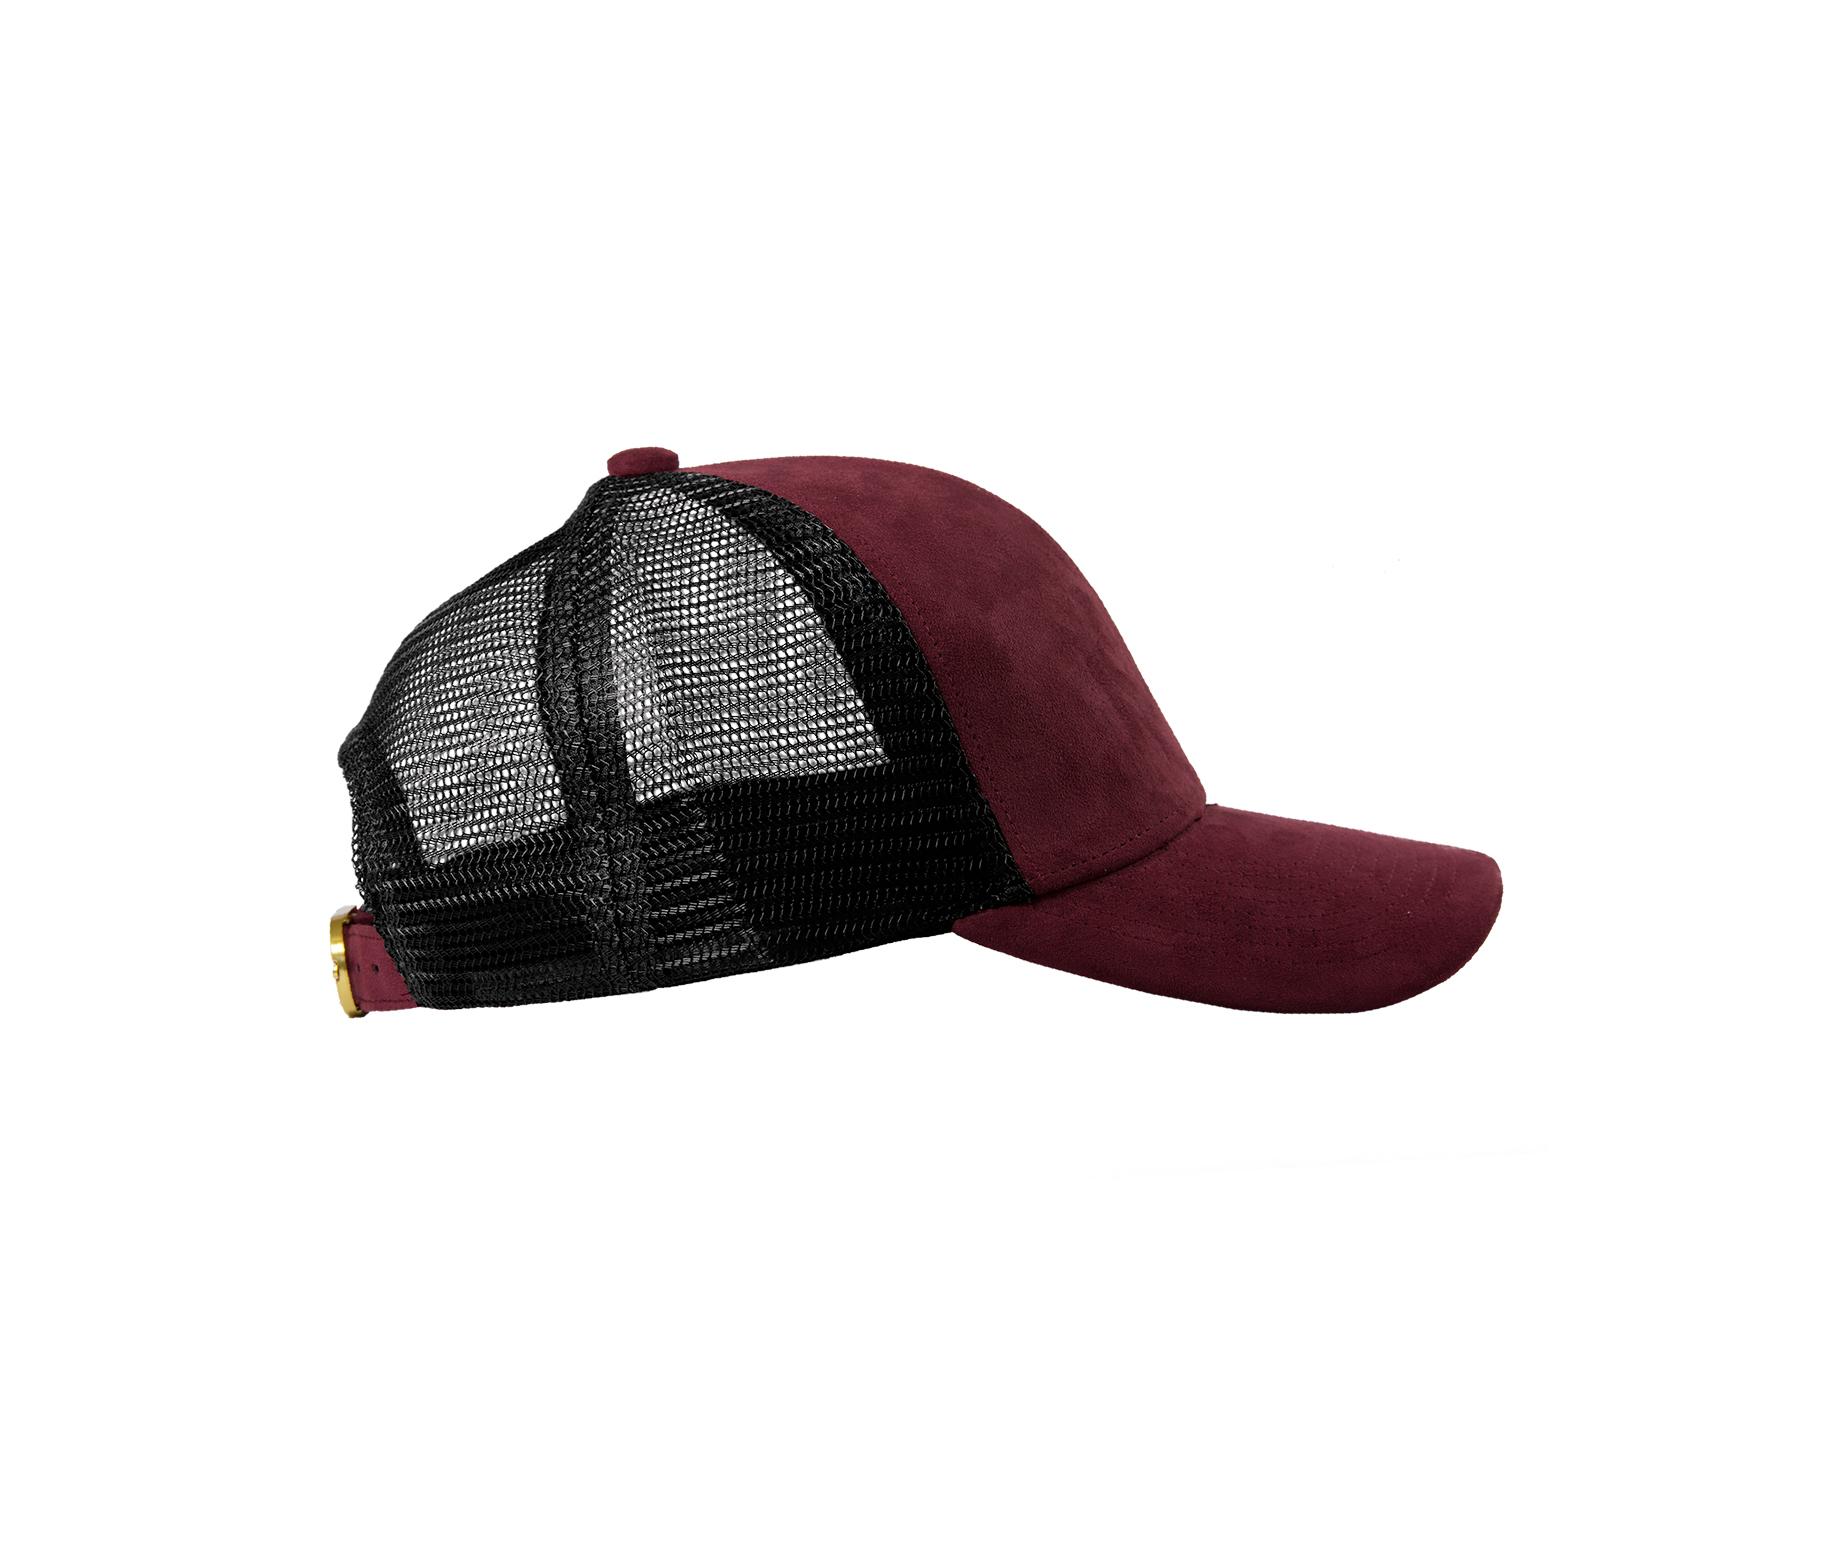 TRUCKER CAP BORDEAUX SUEDE SIDE